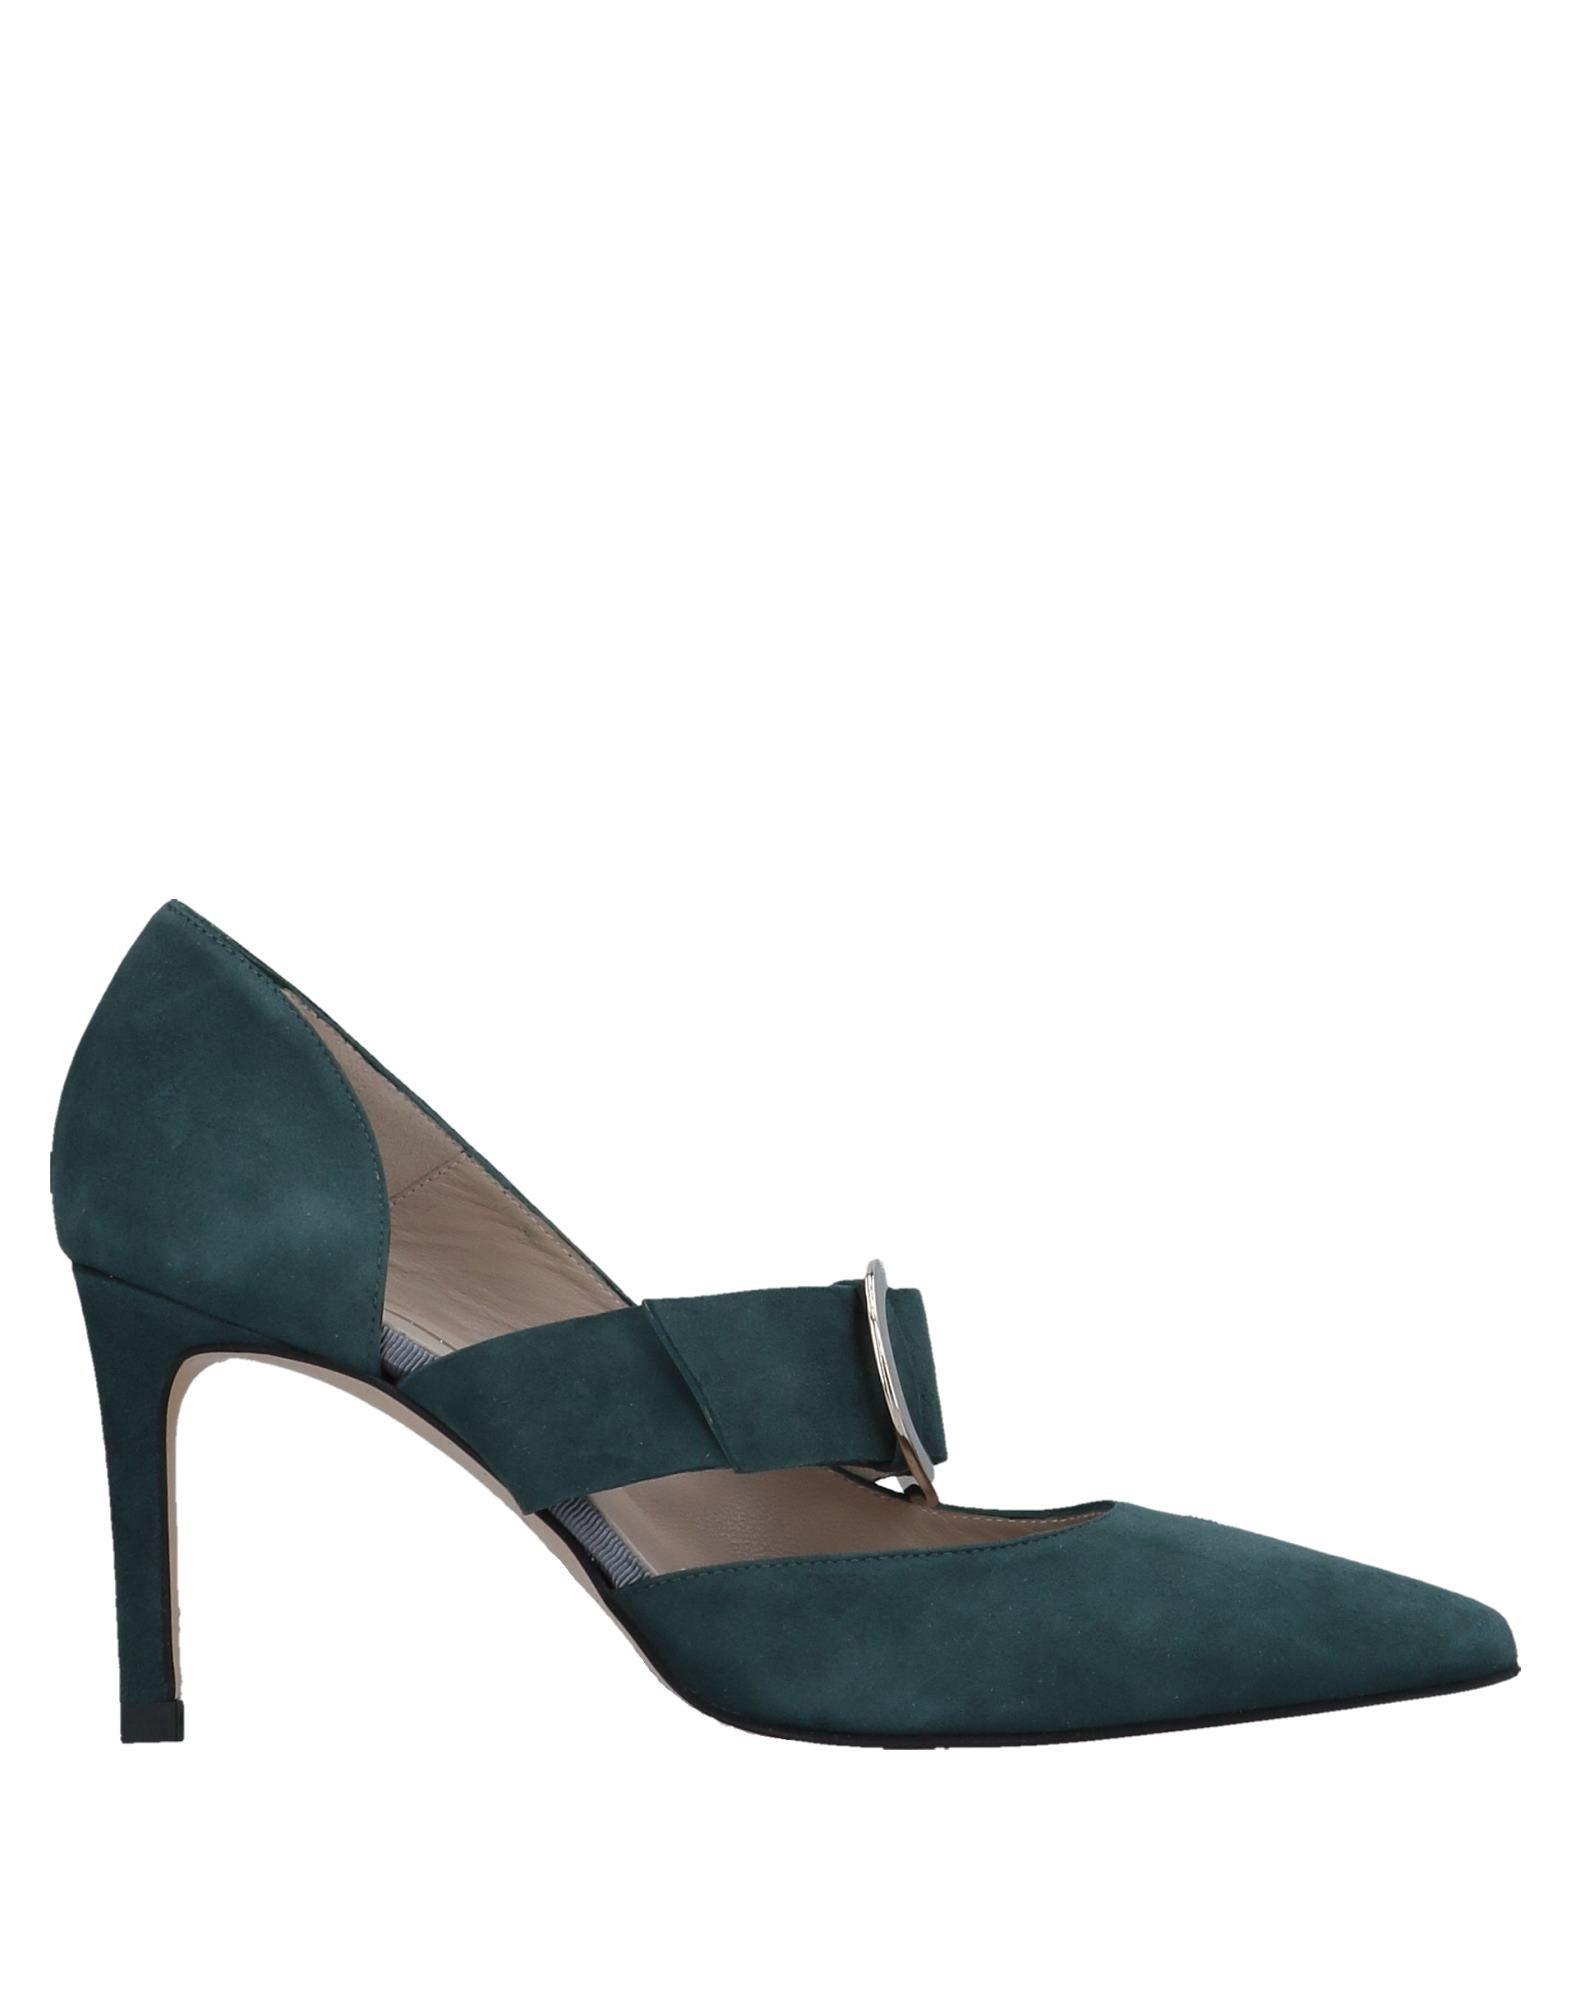 Hannibal Laguna Pumps Qualität Damen  11543628KQ Gute Qualität Pumps beliebte Schuhe 2b9ef2